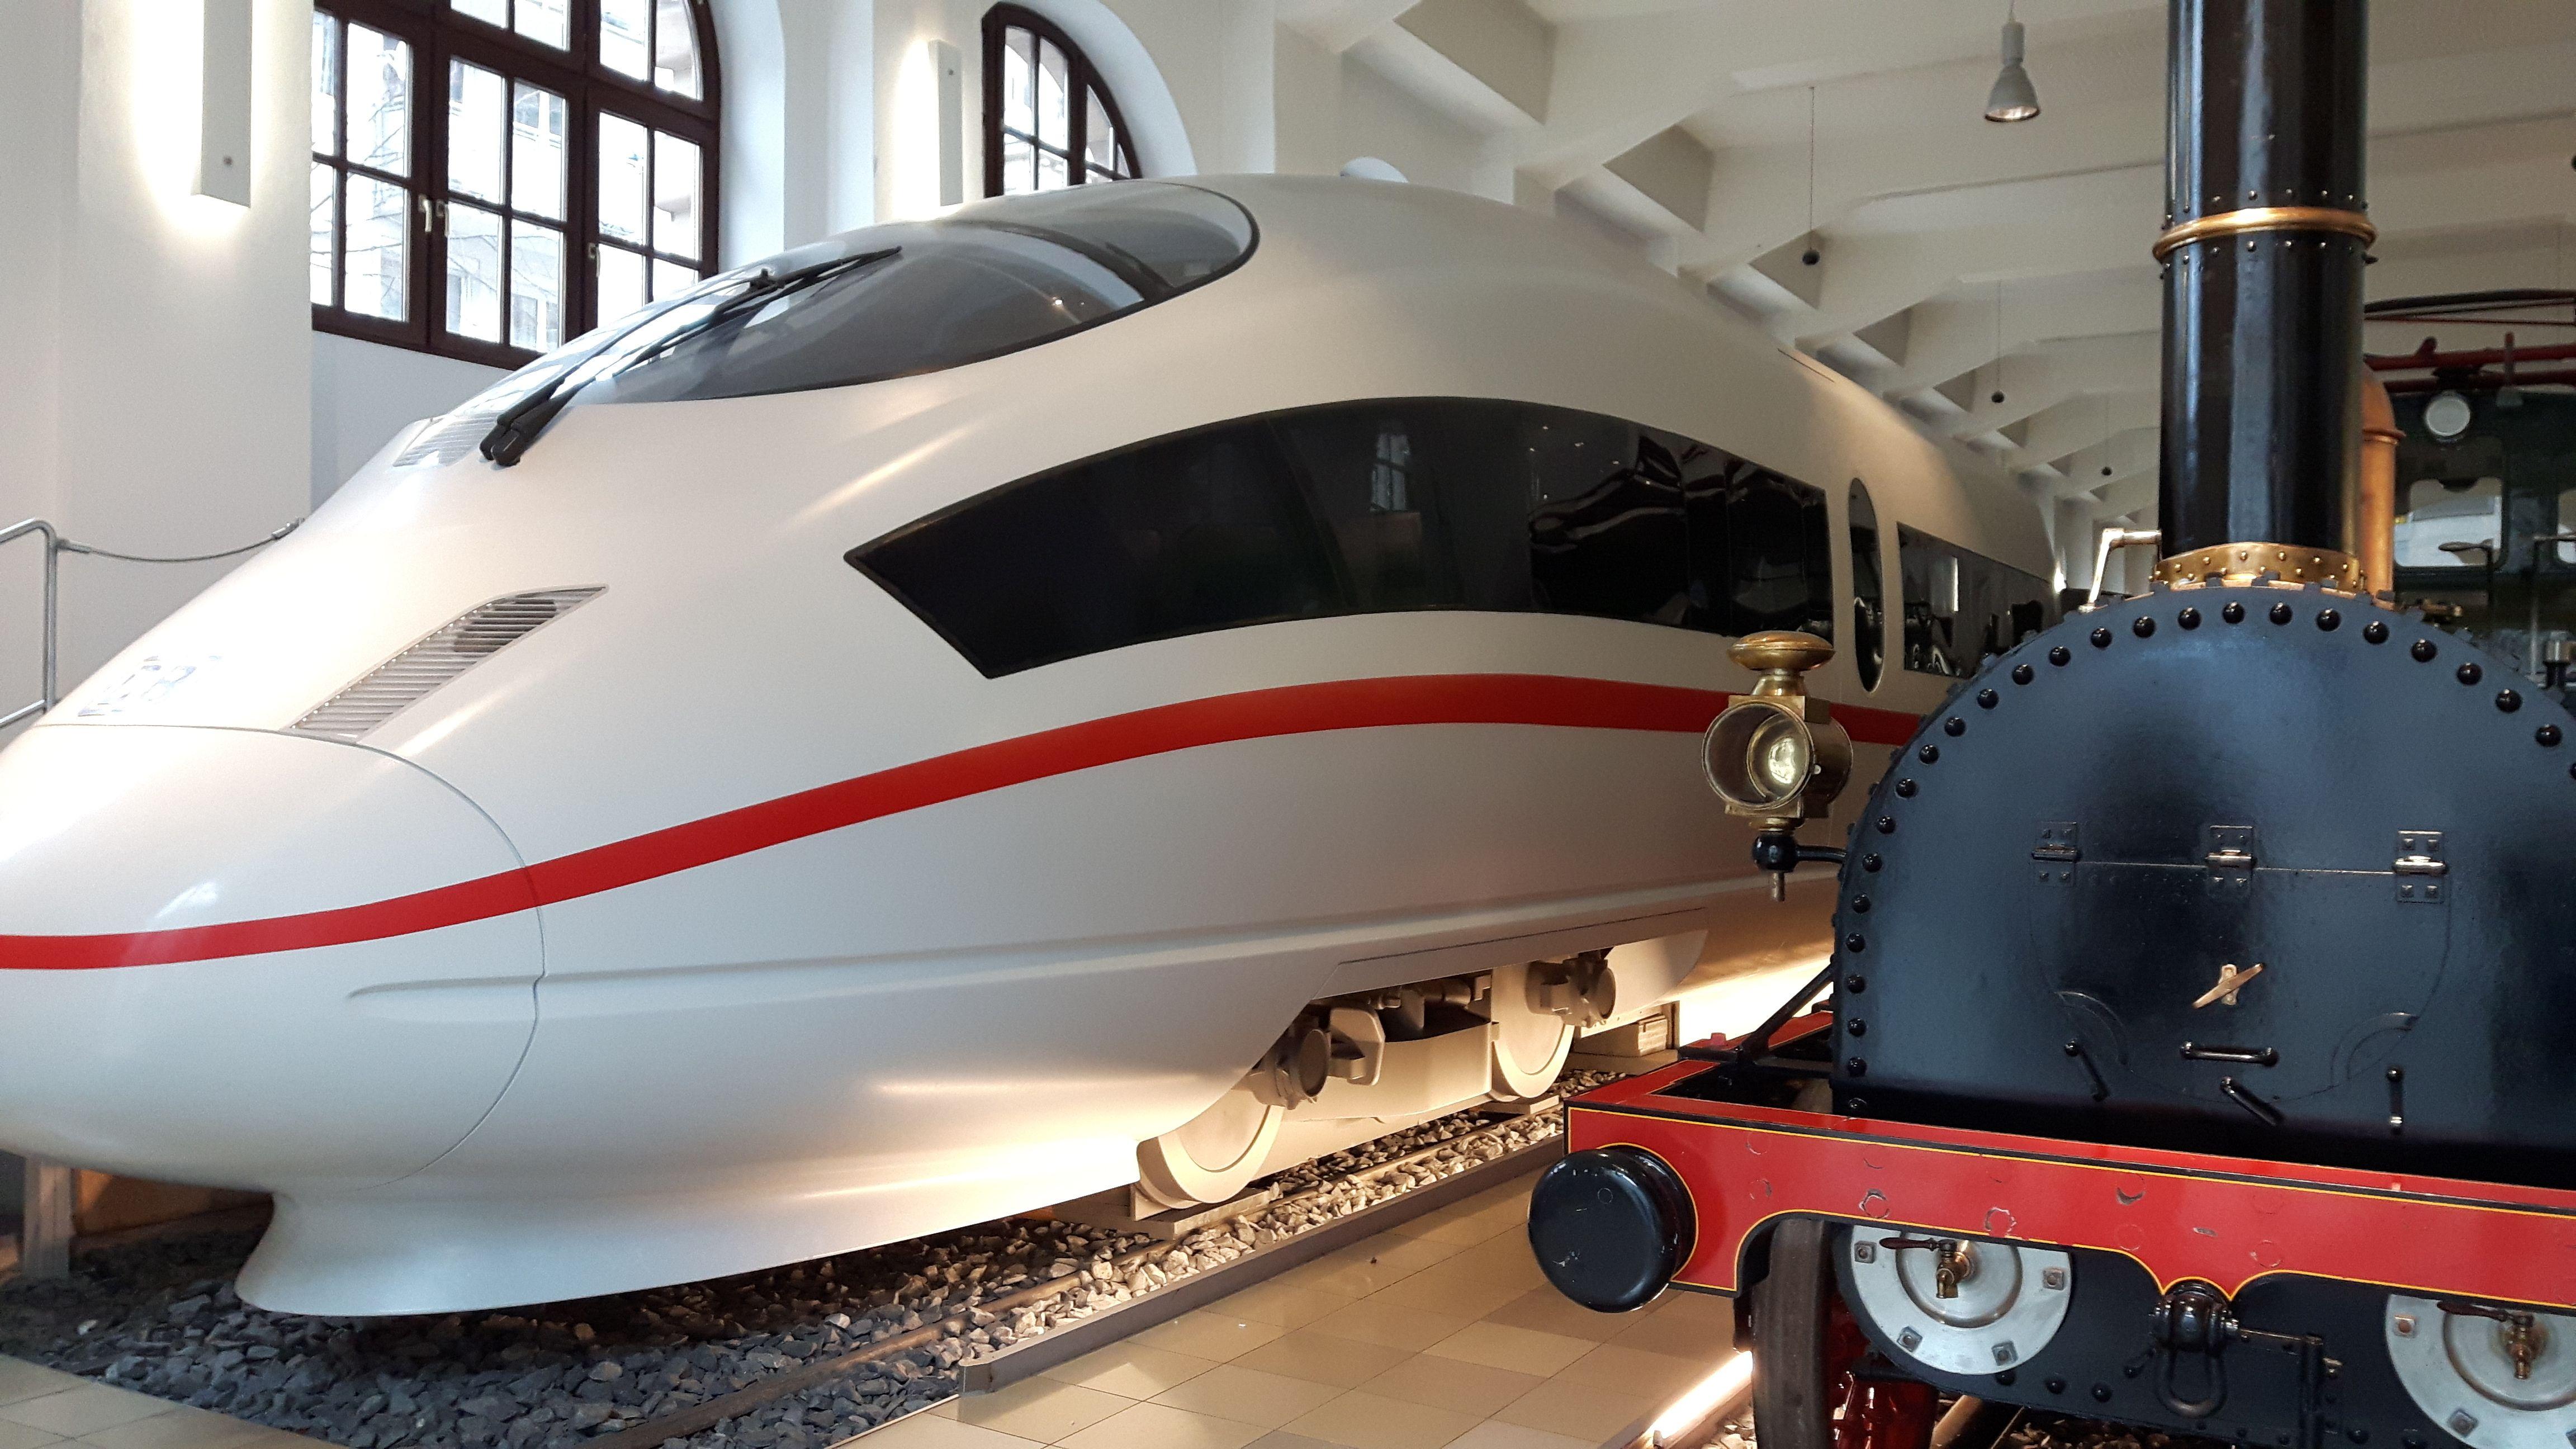 Deutsche Bahn Museum Nürnberg (1)_72dpi